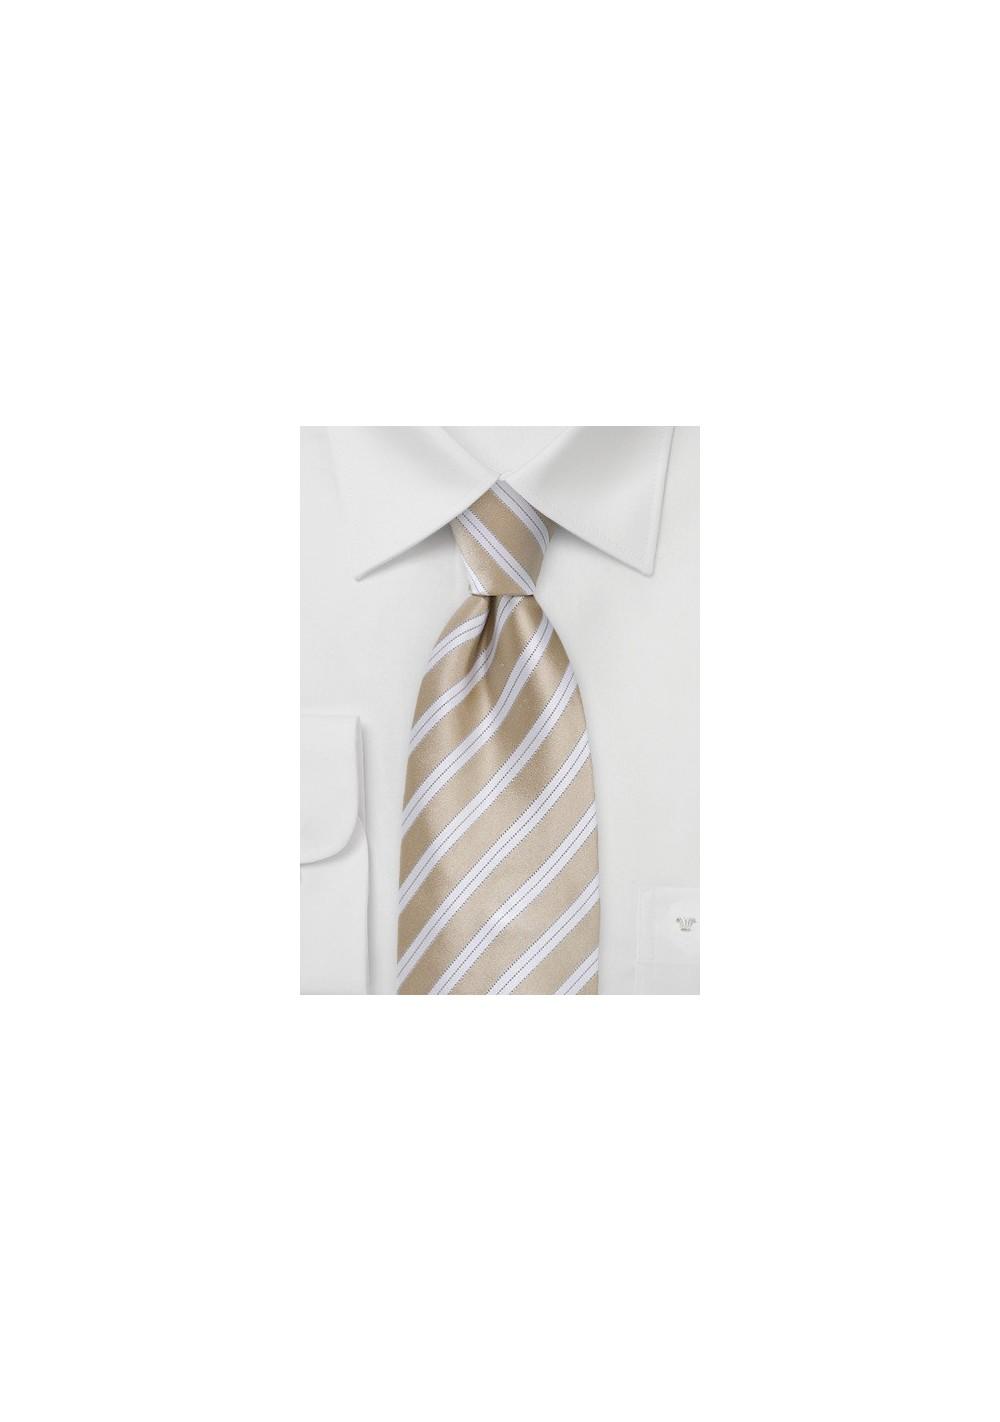 Sweet Almond Striped Tie in XL Size